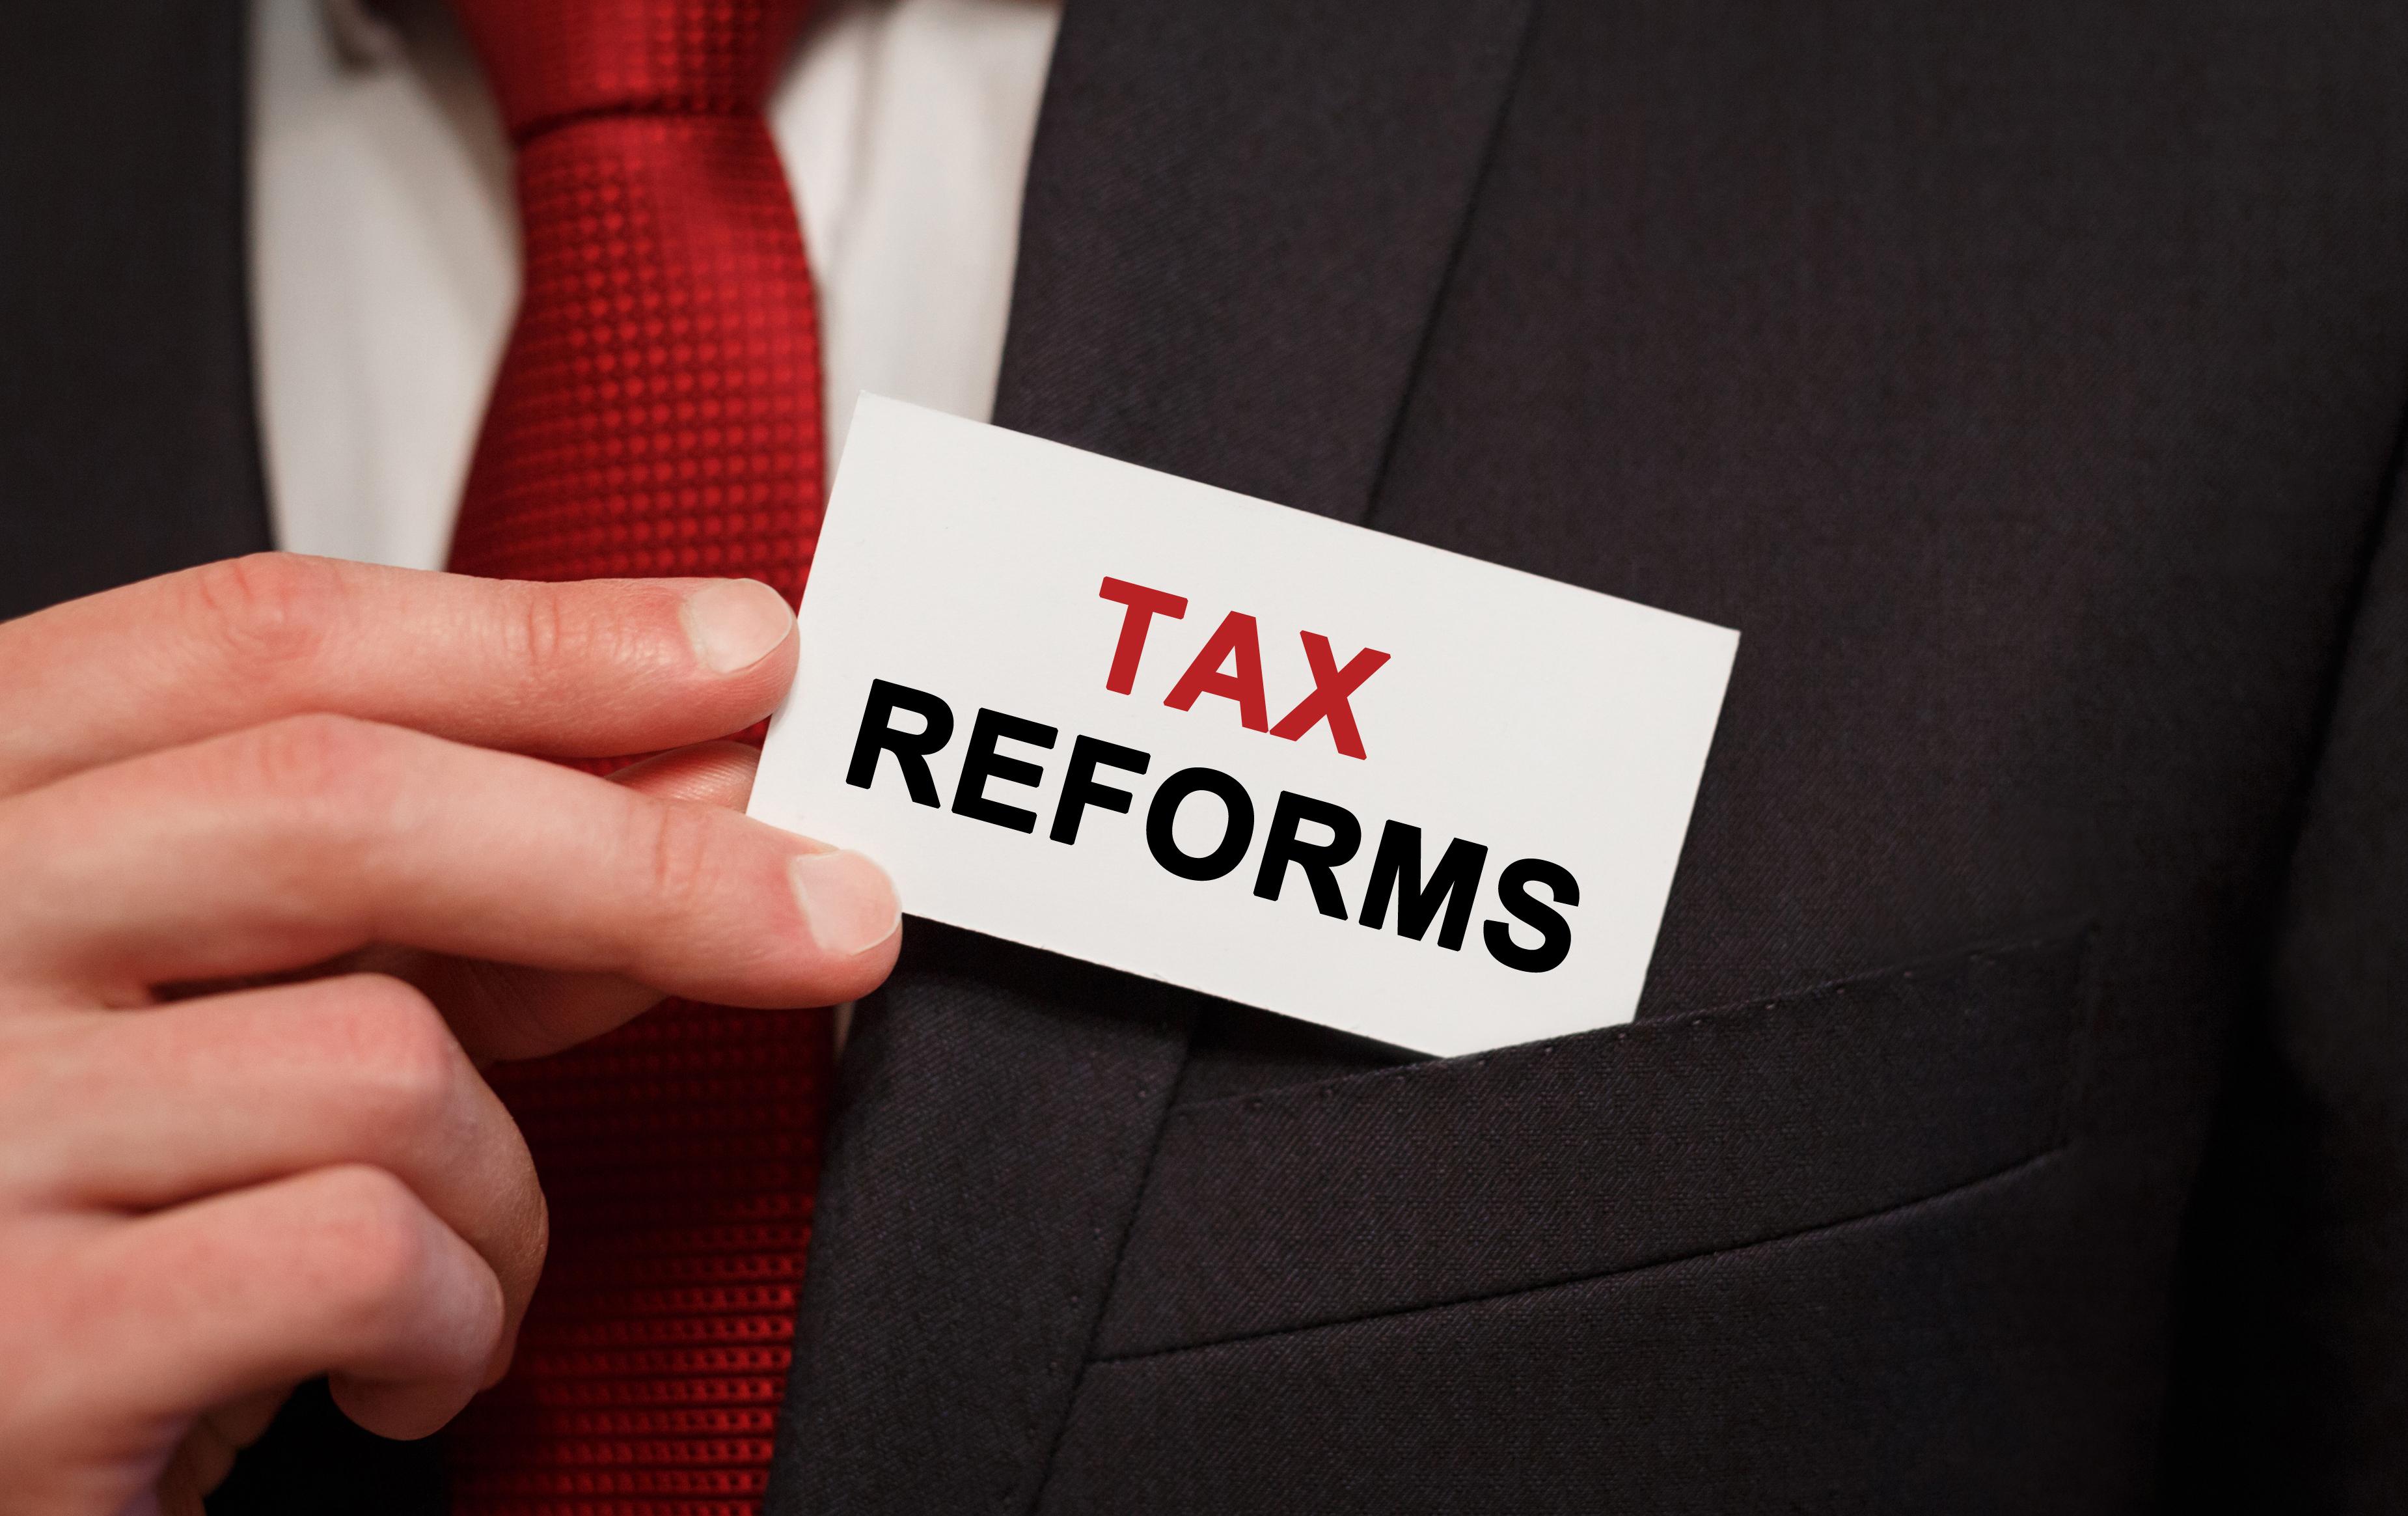 Tax-Reform-807253794.jpg